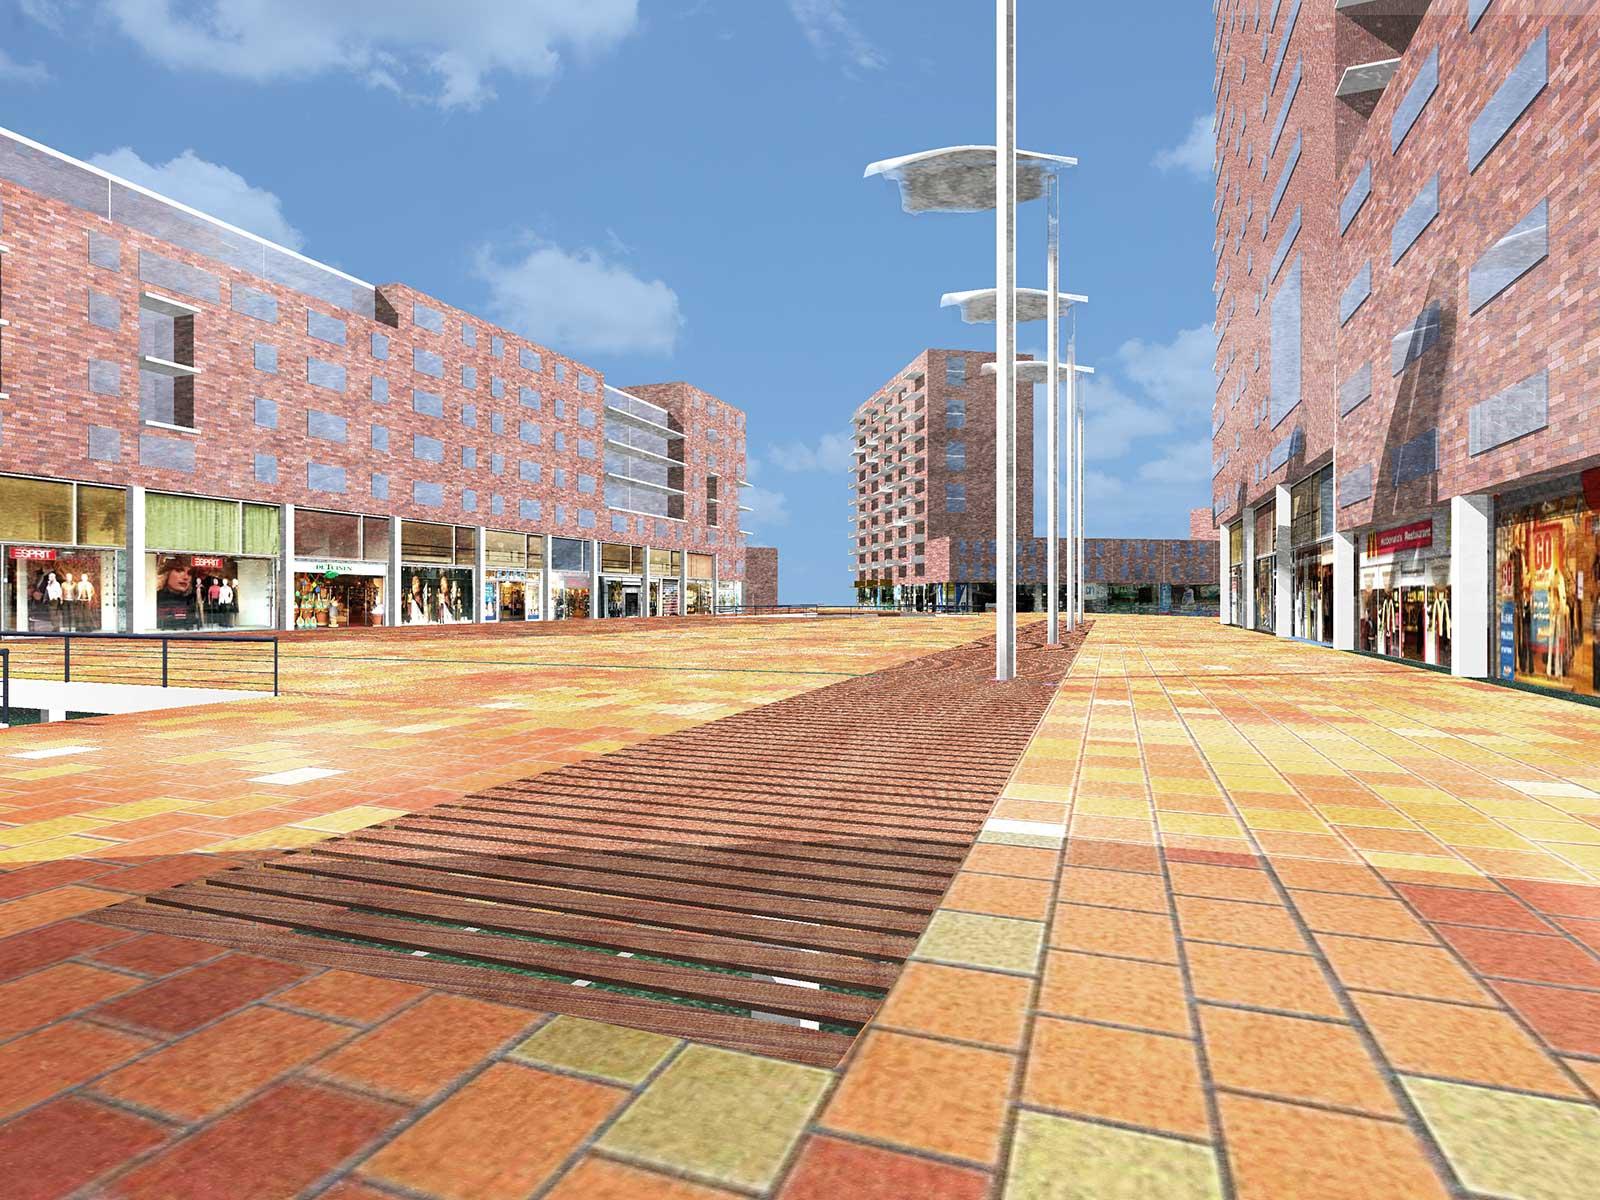 artist impression uir de ontwerpfase van het centrale plein in Meerrijk, Eindhoven